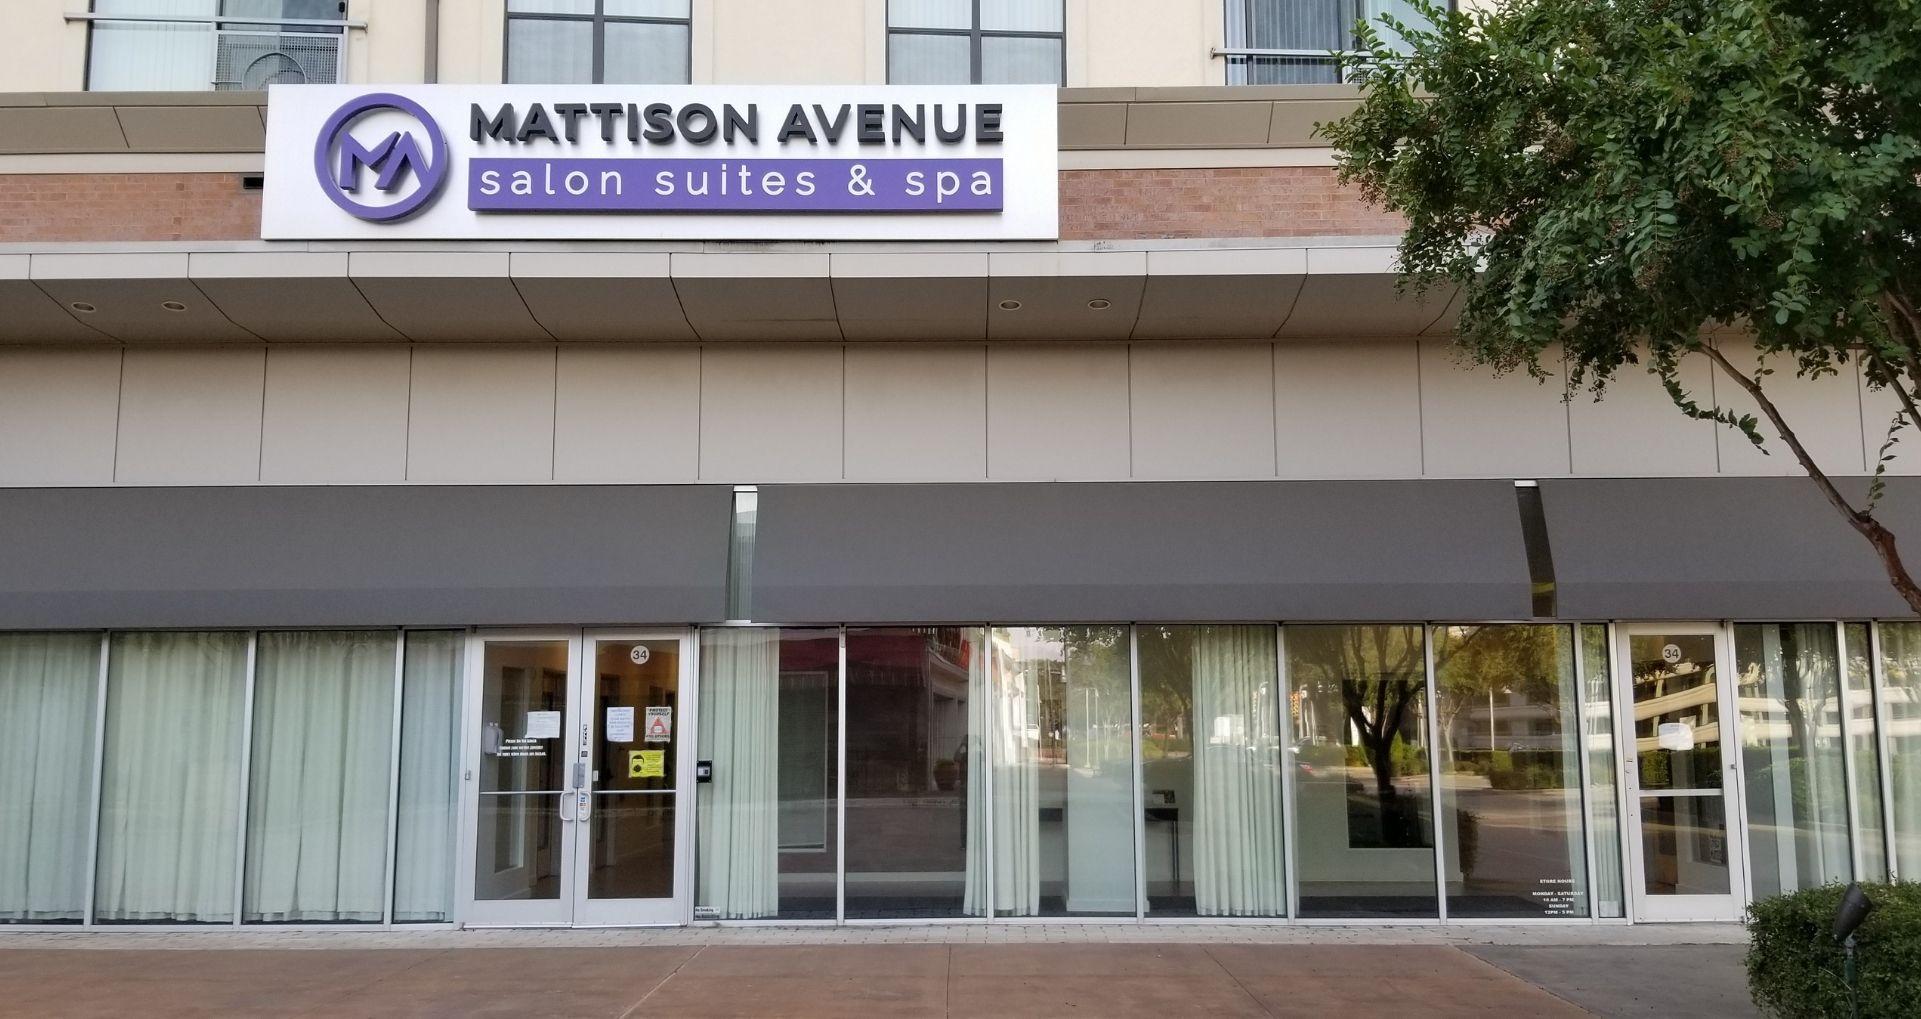 Mattison Avenue Salon Suites & Spa - Front Entrance